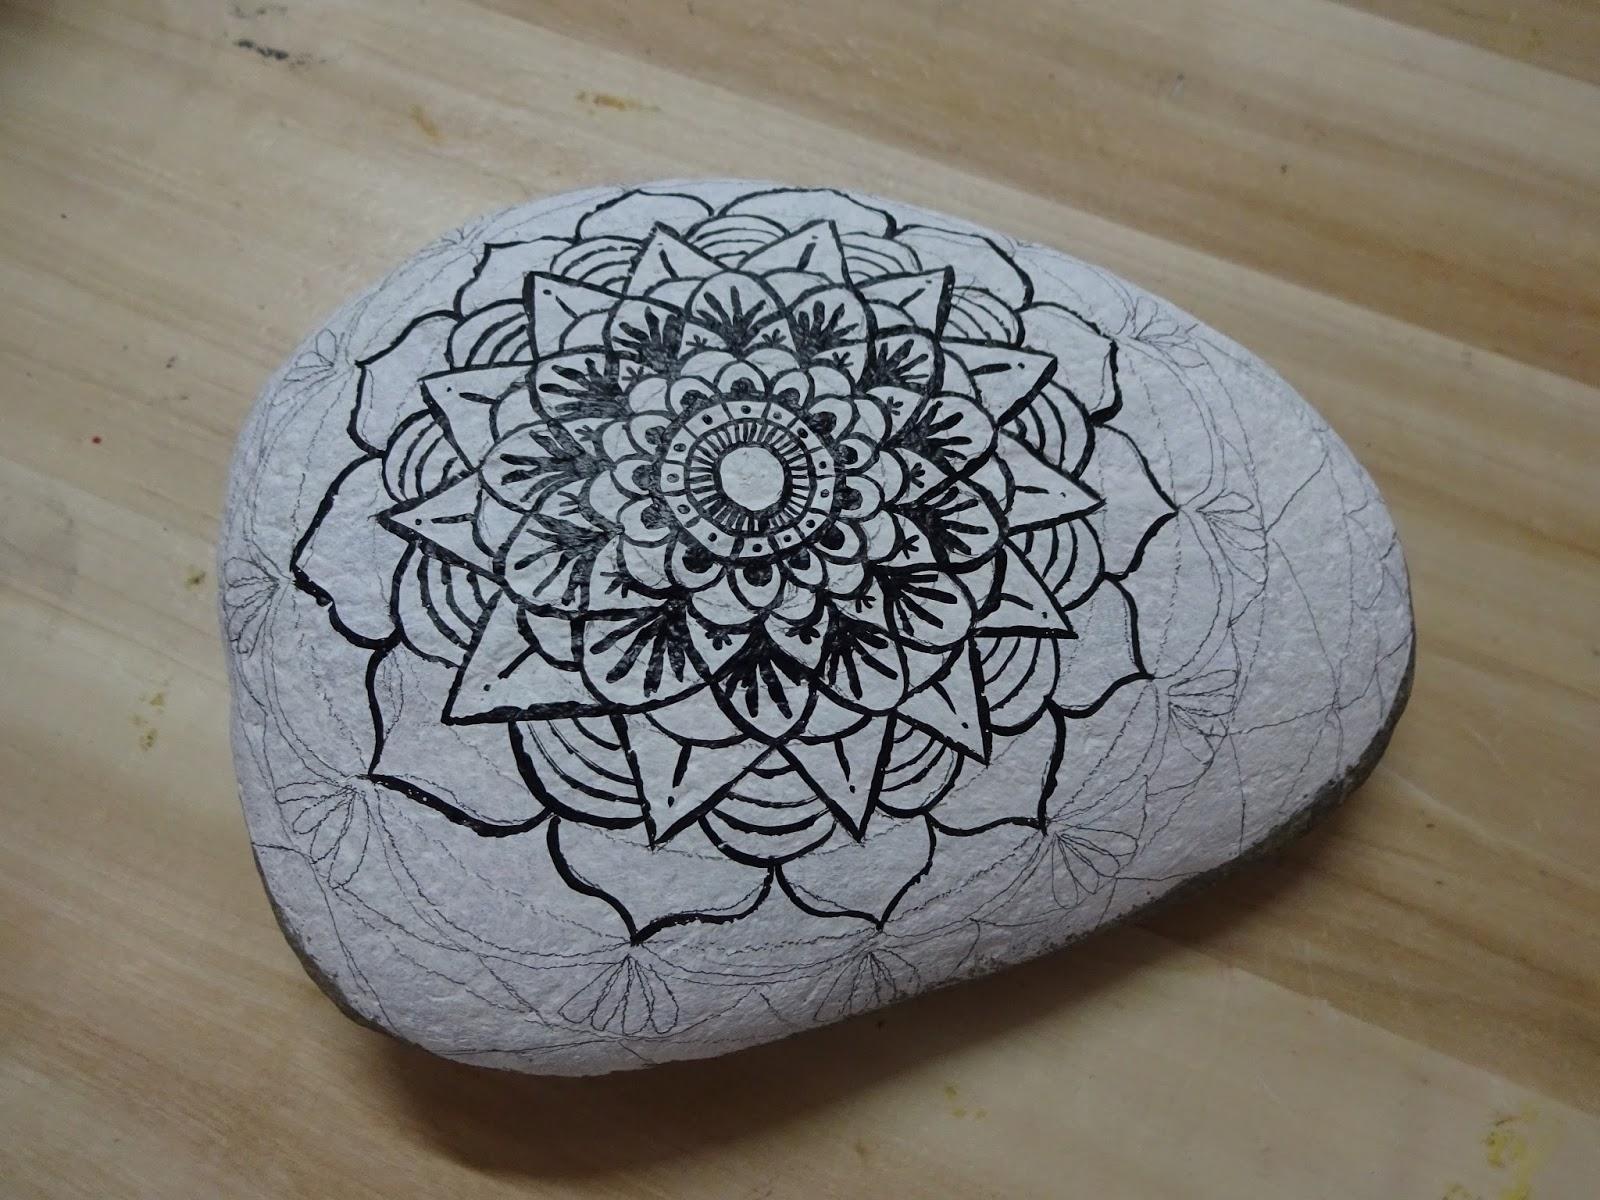 Piedras pintadas a mano c mo pintar un mandala sobre piedra for Como pintar piedras